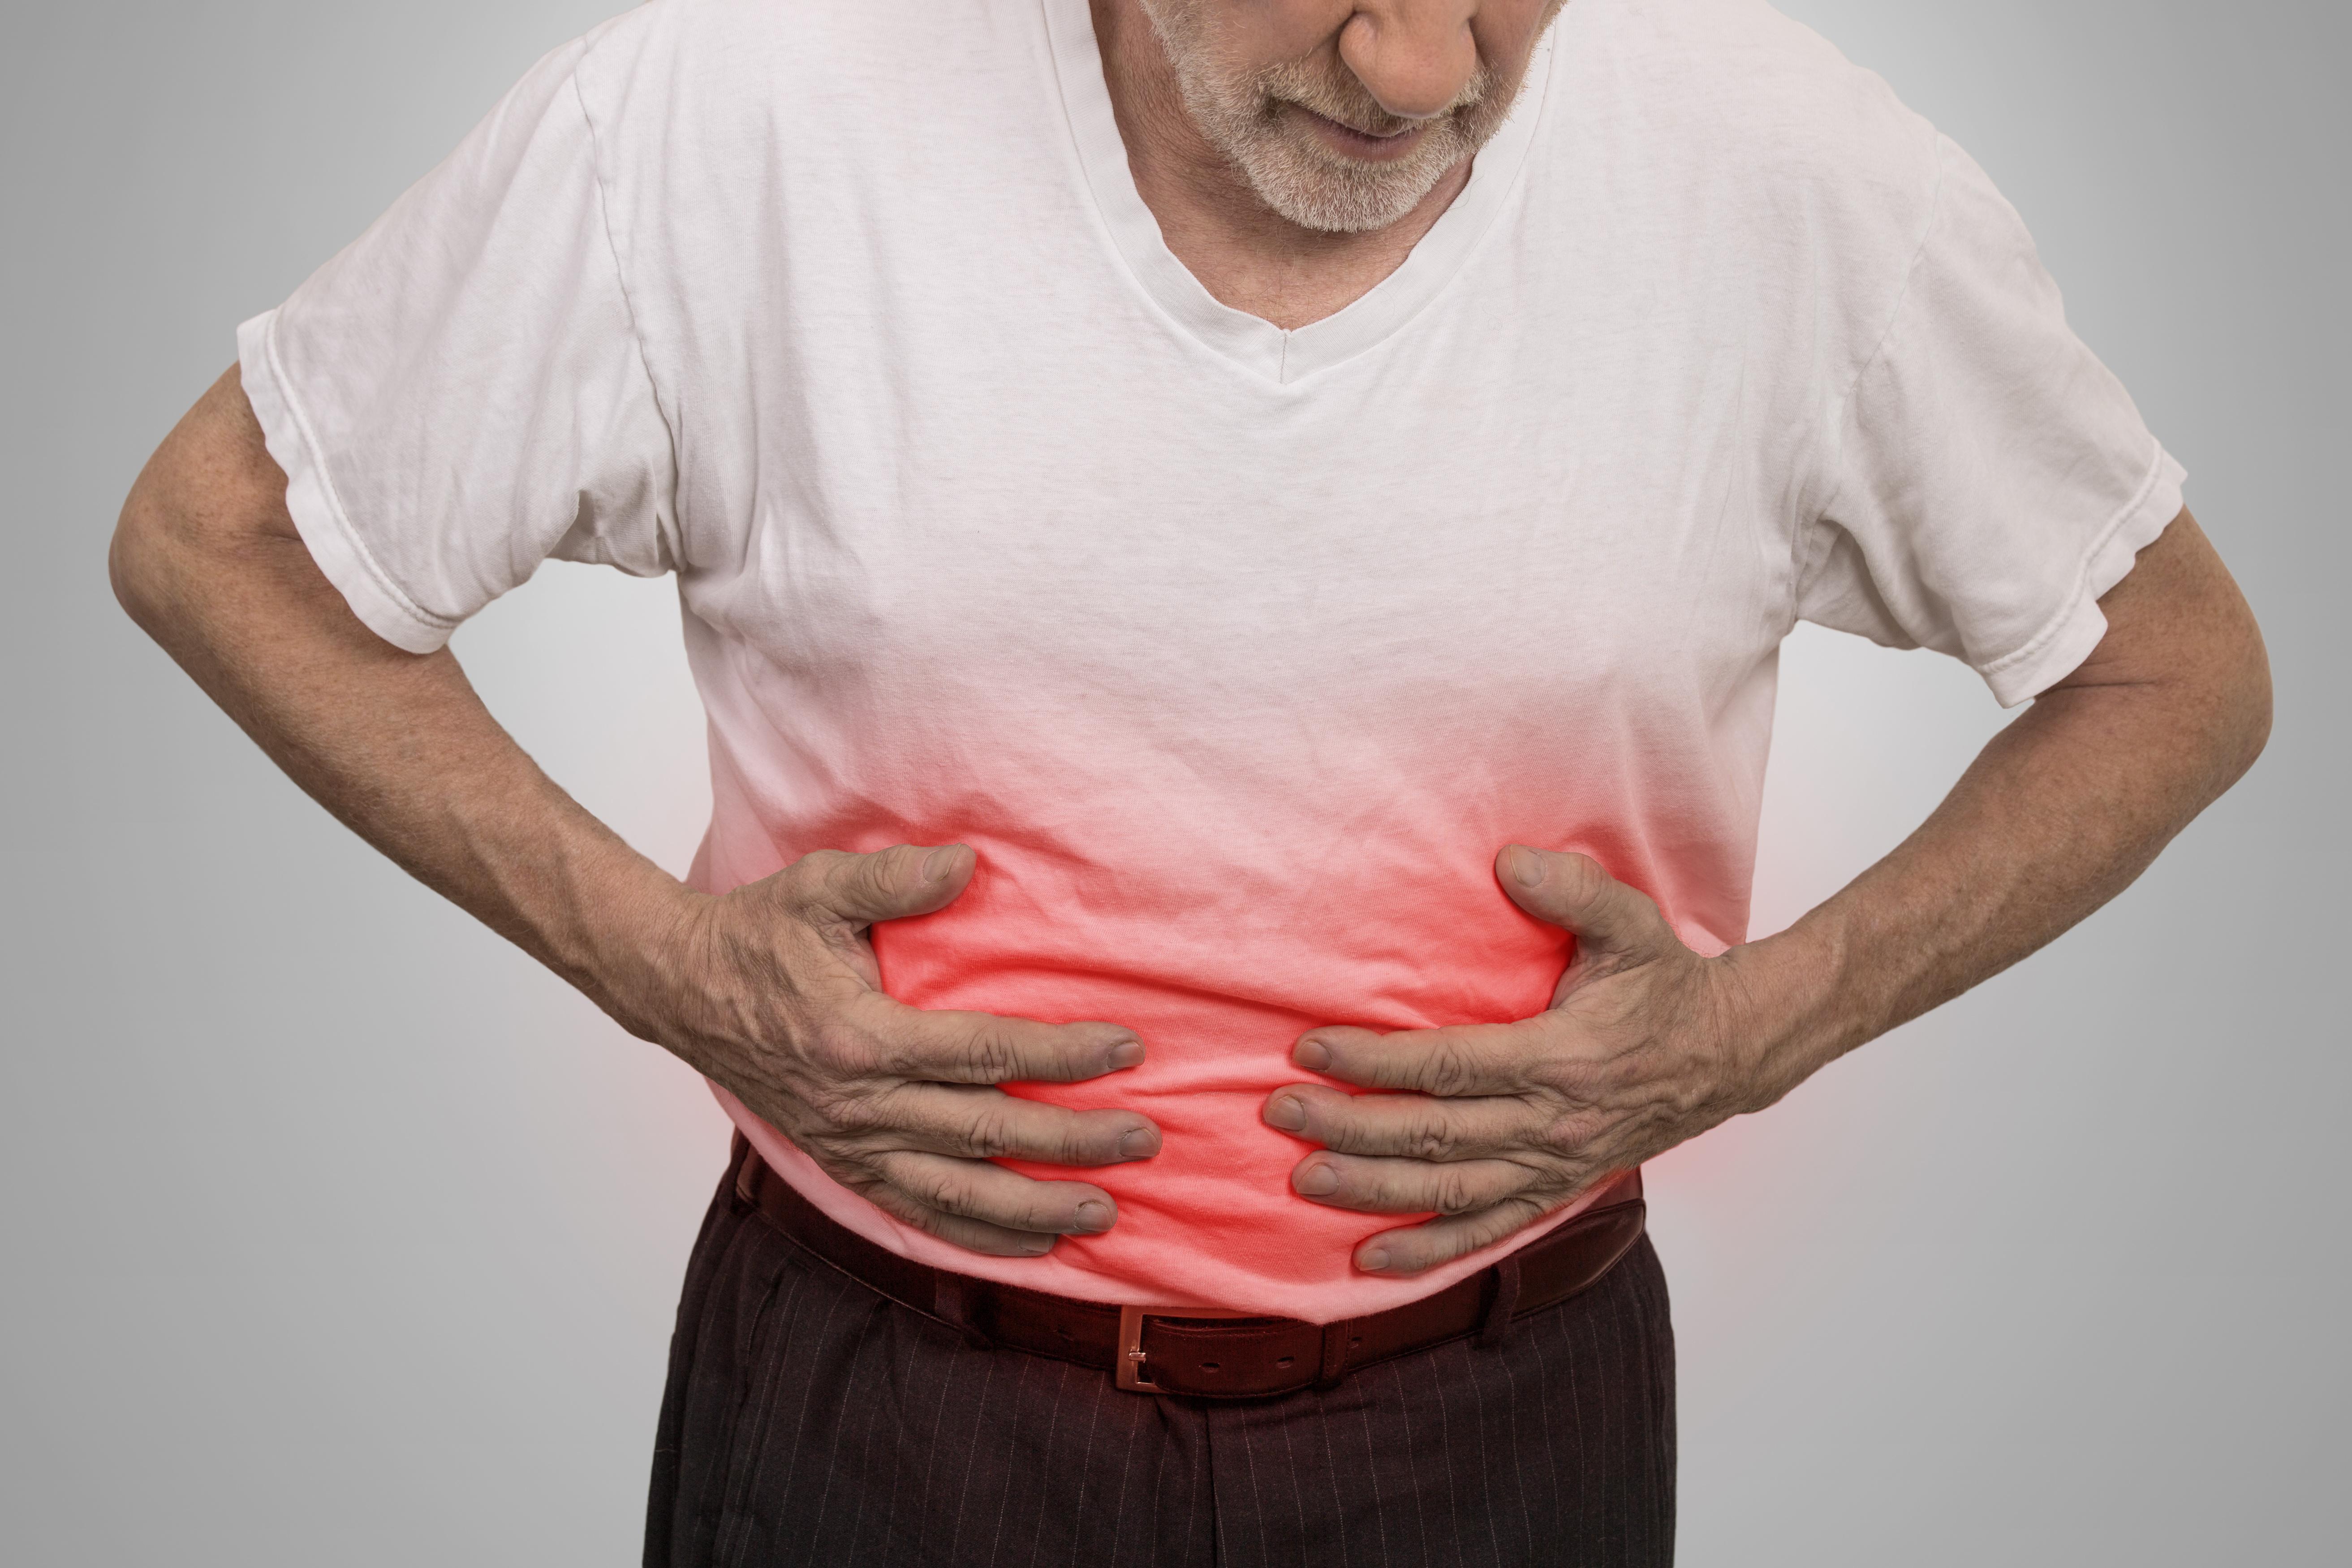 darmlähmung symptome